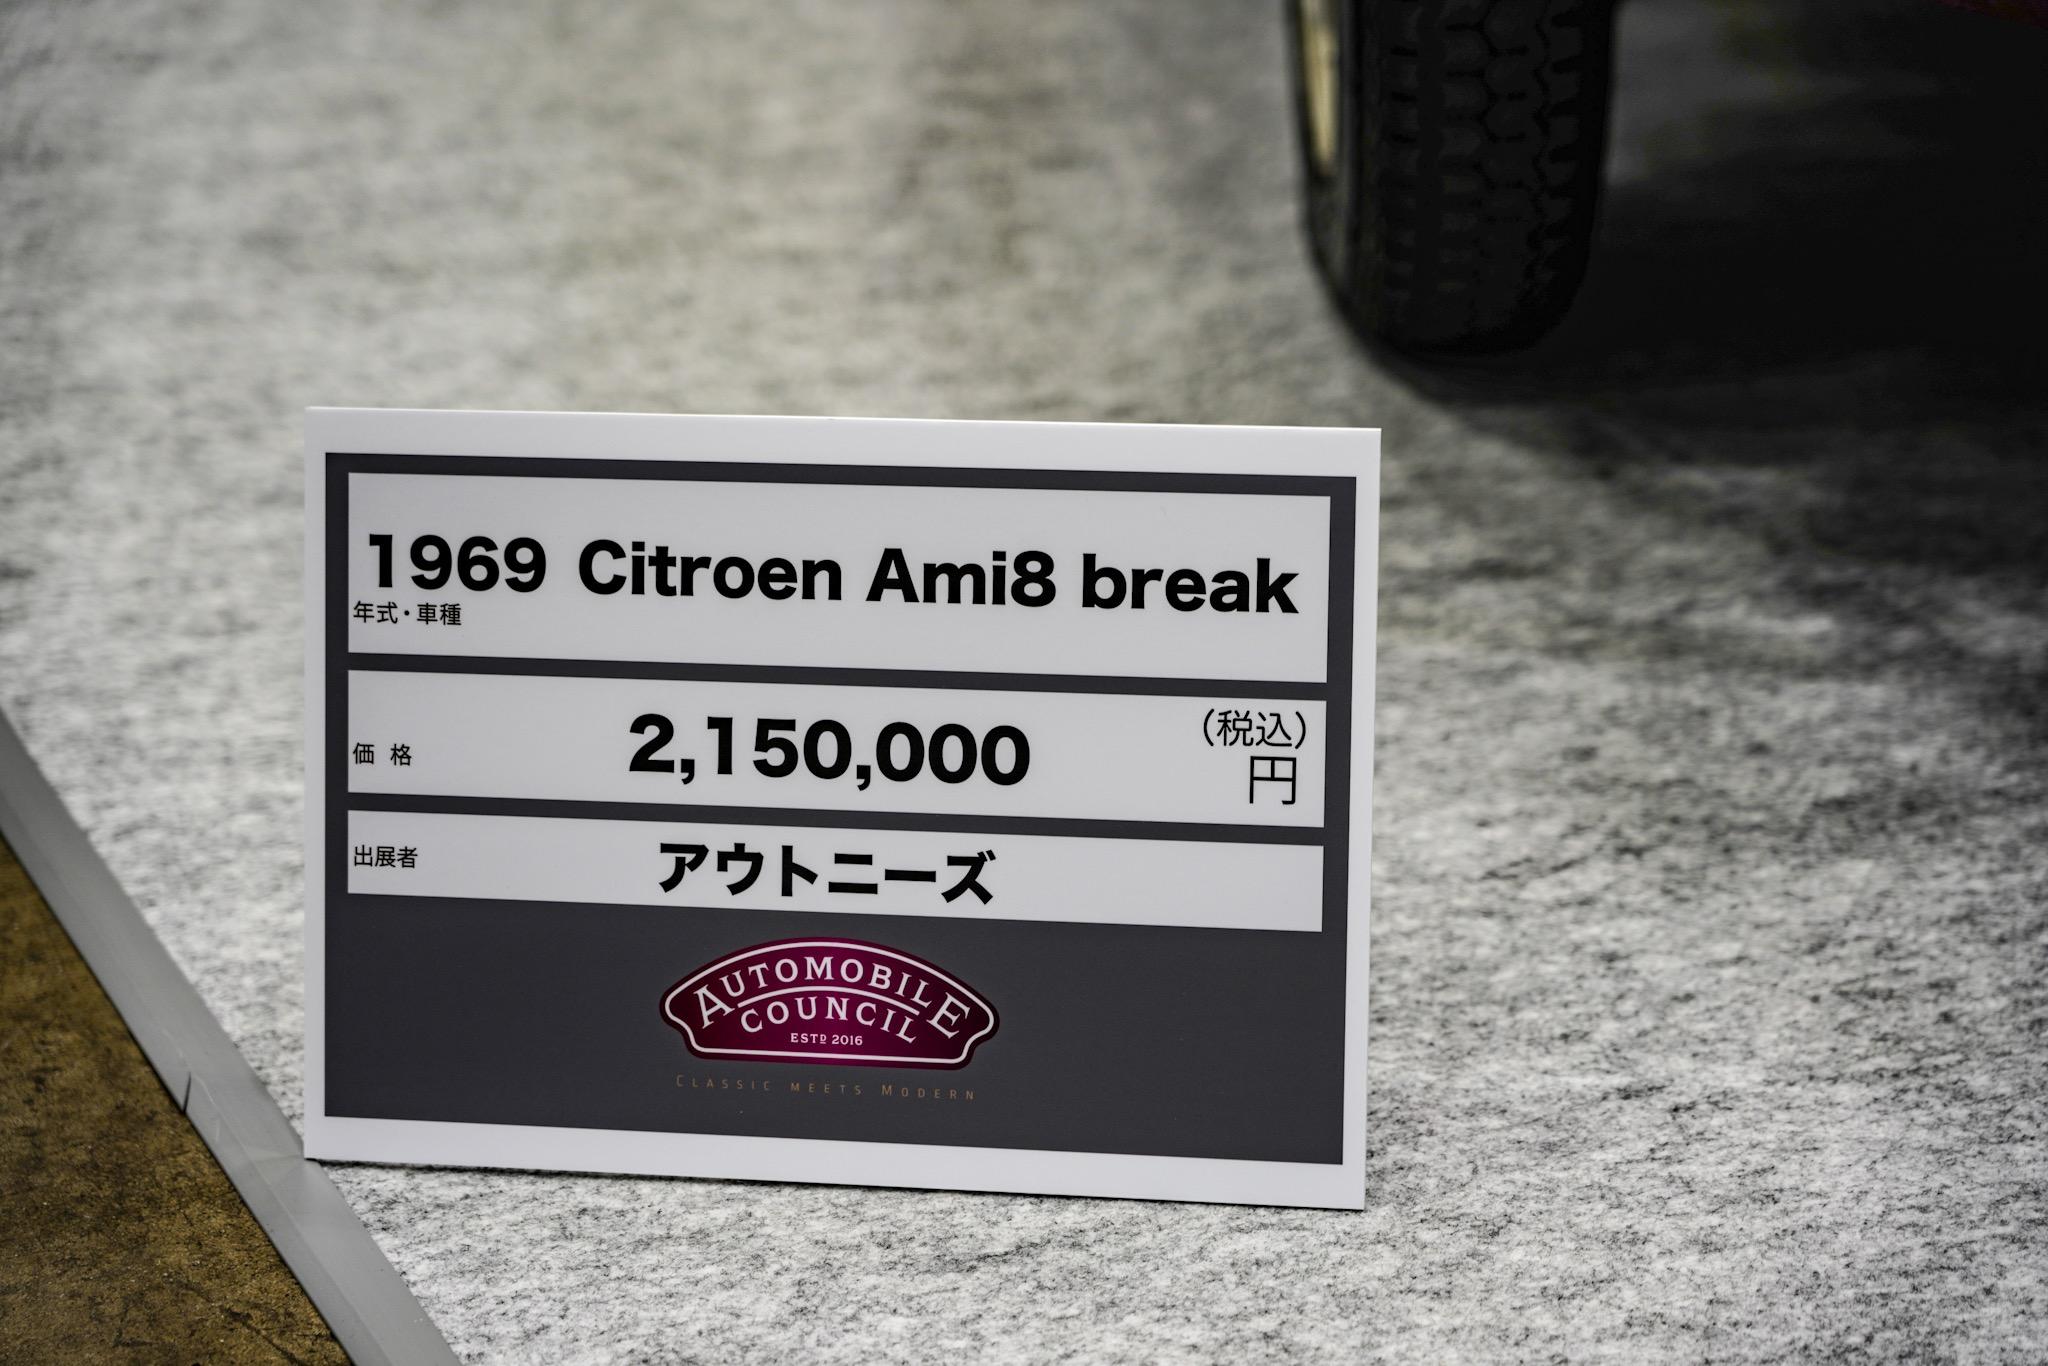 シトロエン Ami8ブレーク オートモビルカウンシル2019